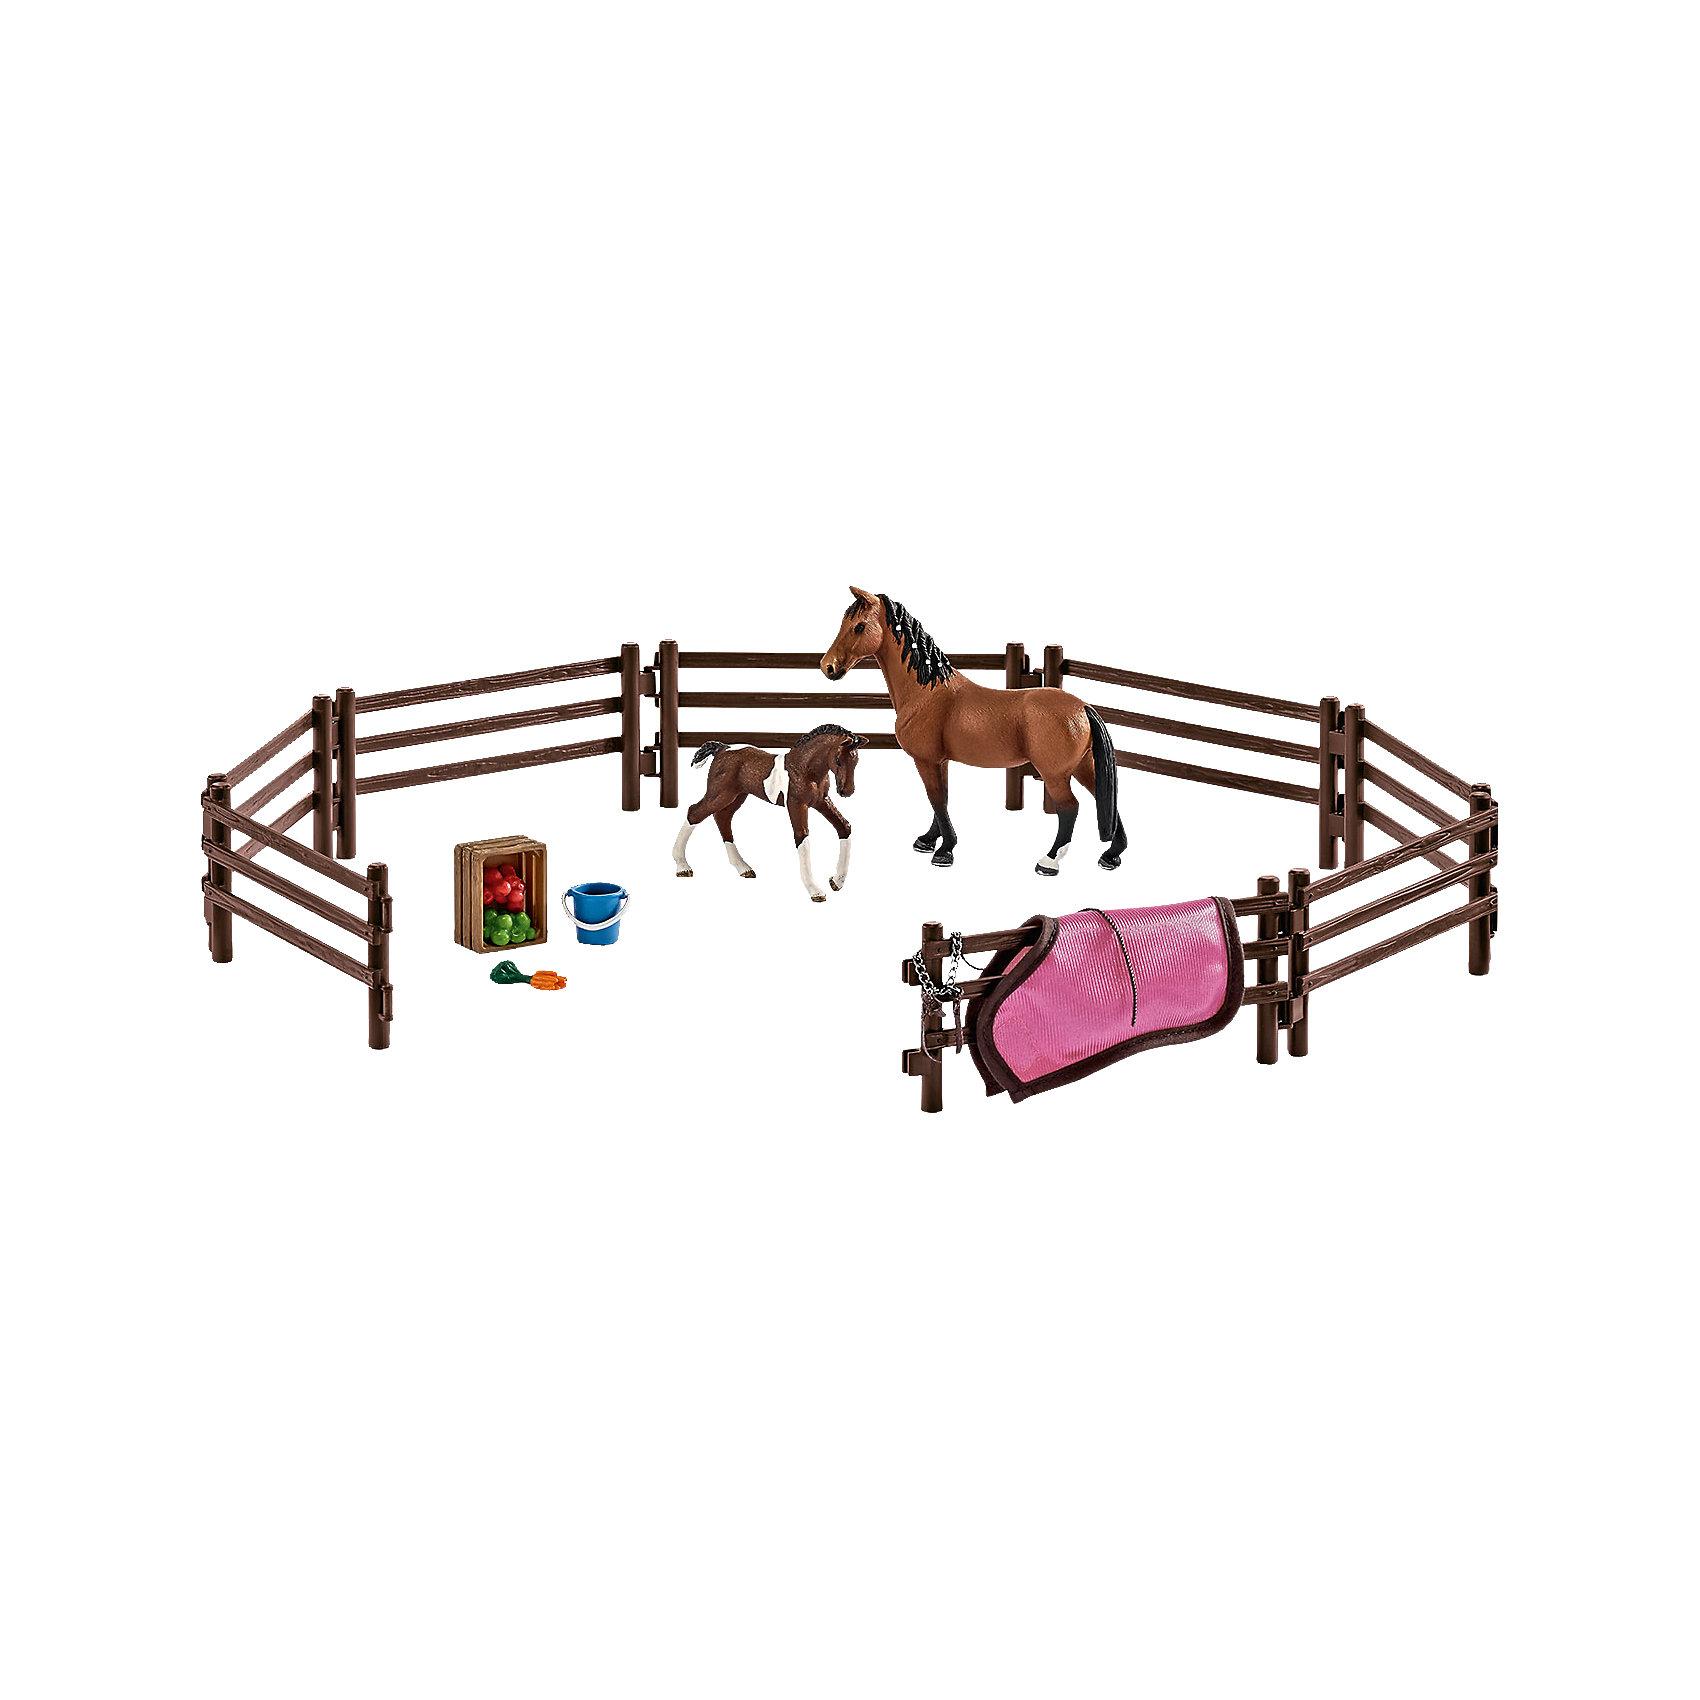 Набор Загон (без животных и аксессуаров), SchleichНабор Загон, Schleich (Шляйх) станет прекрасным подарком для всех юных любителей грациозных животных и отличным дополнением к другим игровым наборам данной серии Шляйх. Вы сможете сделать жизнь своих любимиц более приятной и комфортной, ежедневно выгуливая их на свежем воздухе. В комплект входят детали для сборки загона. Все детали изготовлены из качественного каучукового пластика, который безопасен для детей, приятны на ощупь, раскрашены вручную и имеют оригинальную текстуру, повторяющую образ реальных предметов.<br> Лошадки и аксессуары Schleich в комплект не входят, приобретаются отдельно.<br><br>Дополнительная информация:<br><br>- В комплекте: детали для сборки загона.<br>- Лошадки в комплект не входят!<br>- Материал: каучуковый пластик.<br>- Размер упаковки: 19 x 11 x 17,25 см. <br>- Вес: 0,372 кг.<br><br>Набор Загон (без животных и аксессуаров), Schleich (Шляйх) можно купить в нашем интернет-магазине.<br><br>Ширина мм: 195<br>Глубина мм: 175<br>Высота мм: 109<br>Вес г: 353<br>Возраст от месяцев: 36<br>Возраст до месяцев: 96<br>Пол: Женский<br>Возраст: Детский<br>SKU: 3902601